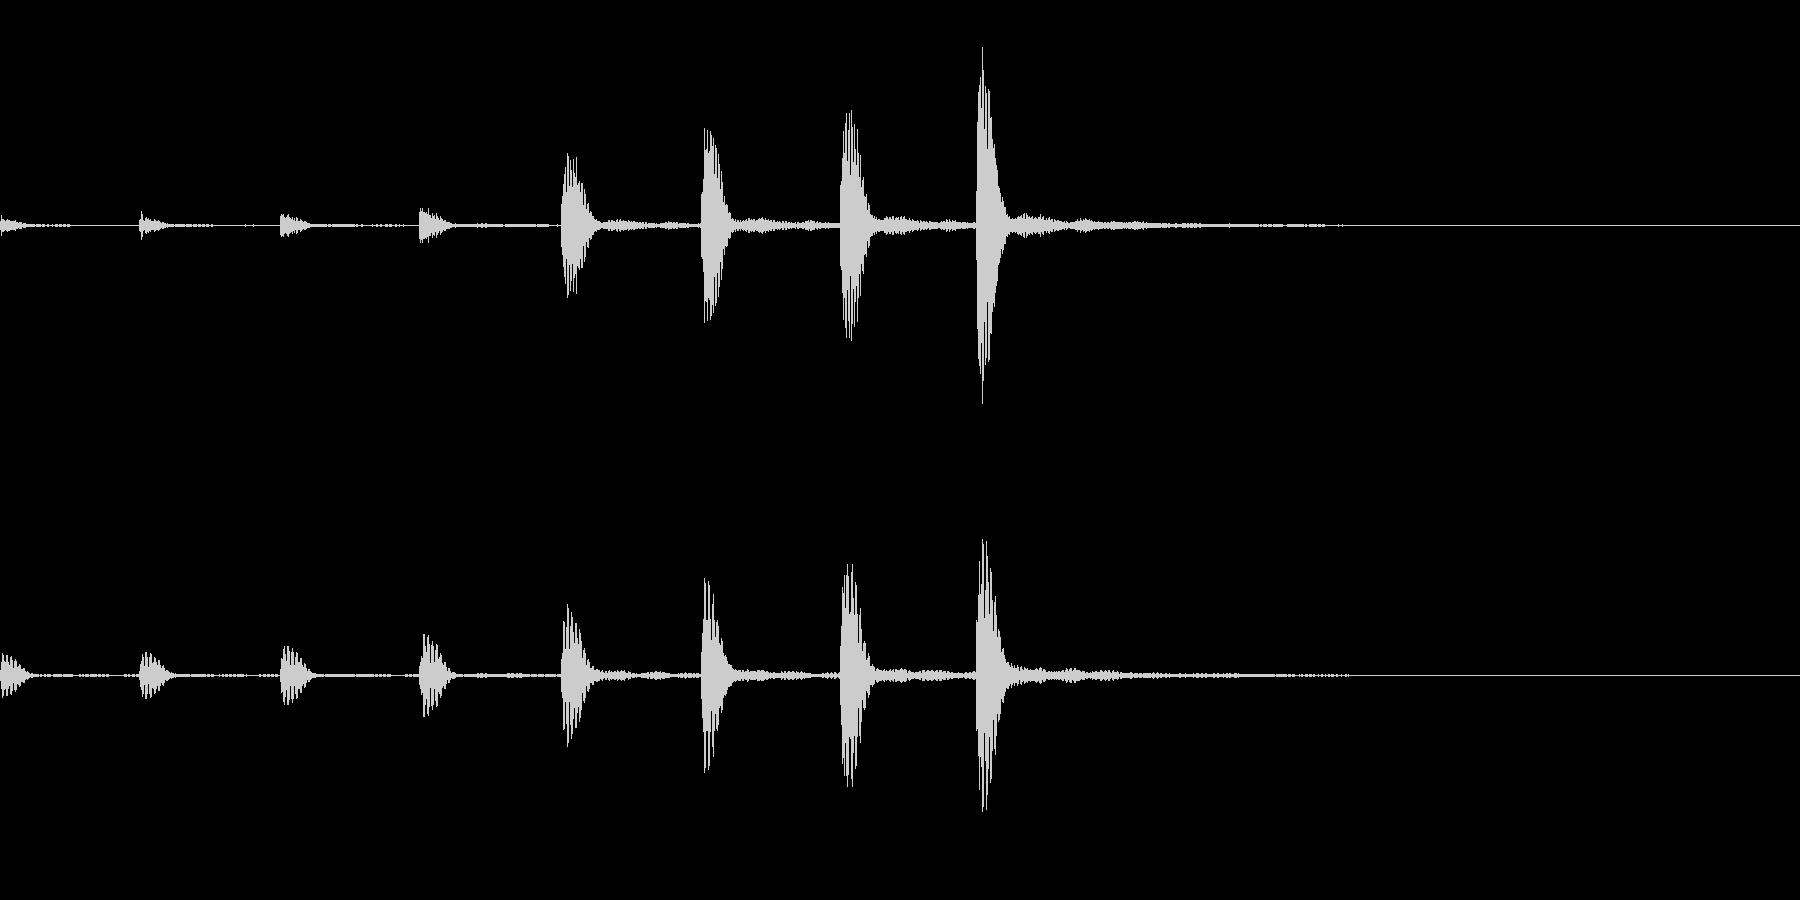 迫りくるようなピアノ音の未再生の波形